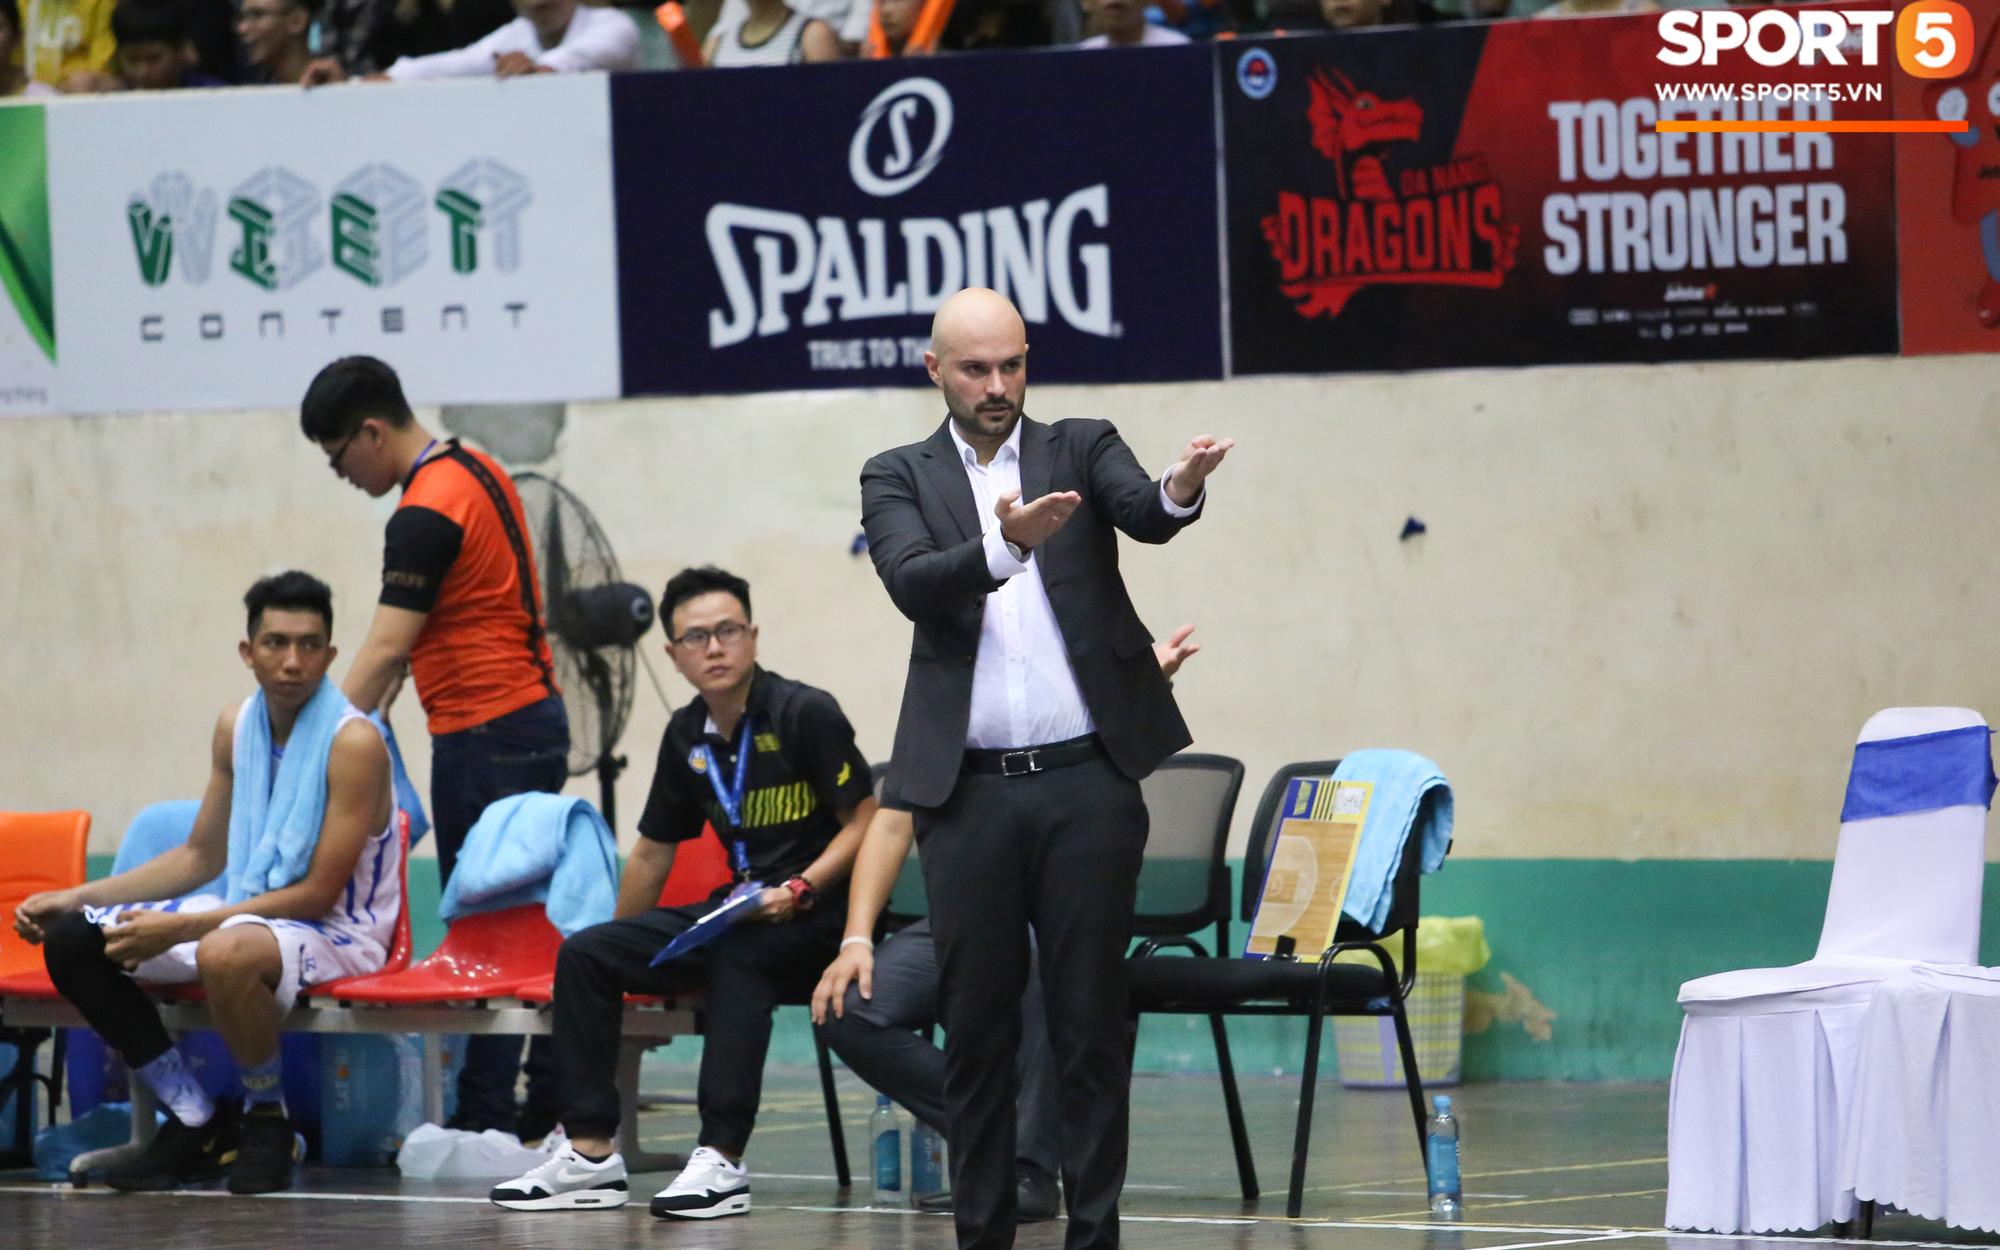 HLV Predrag Lukic hài lòng với công tác trọng tài ở trận gặp Danang Dragons